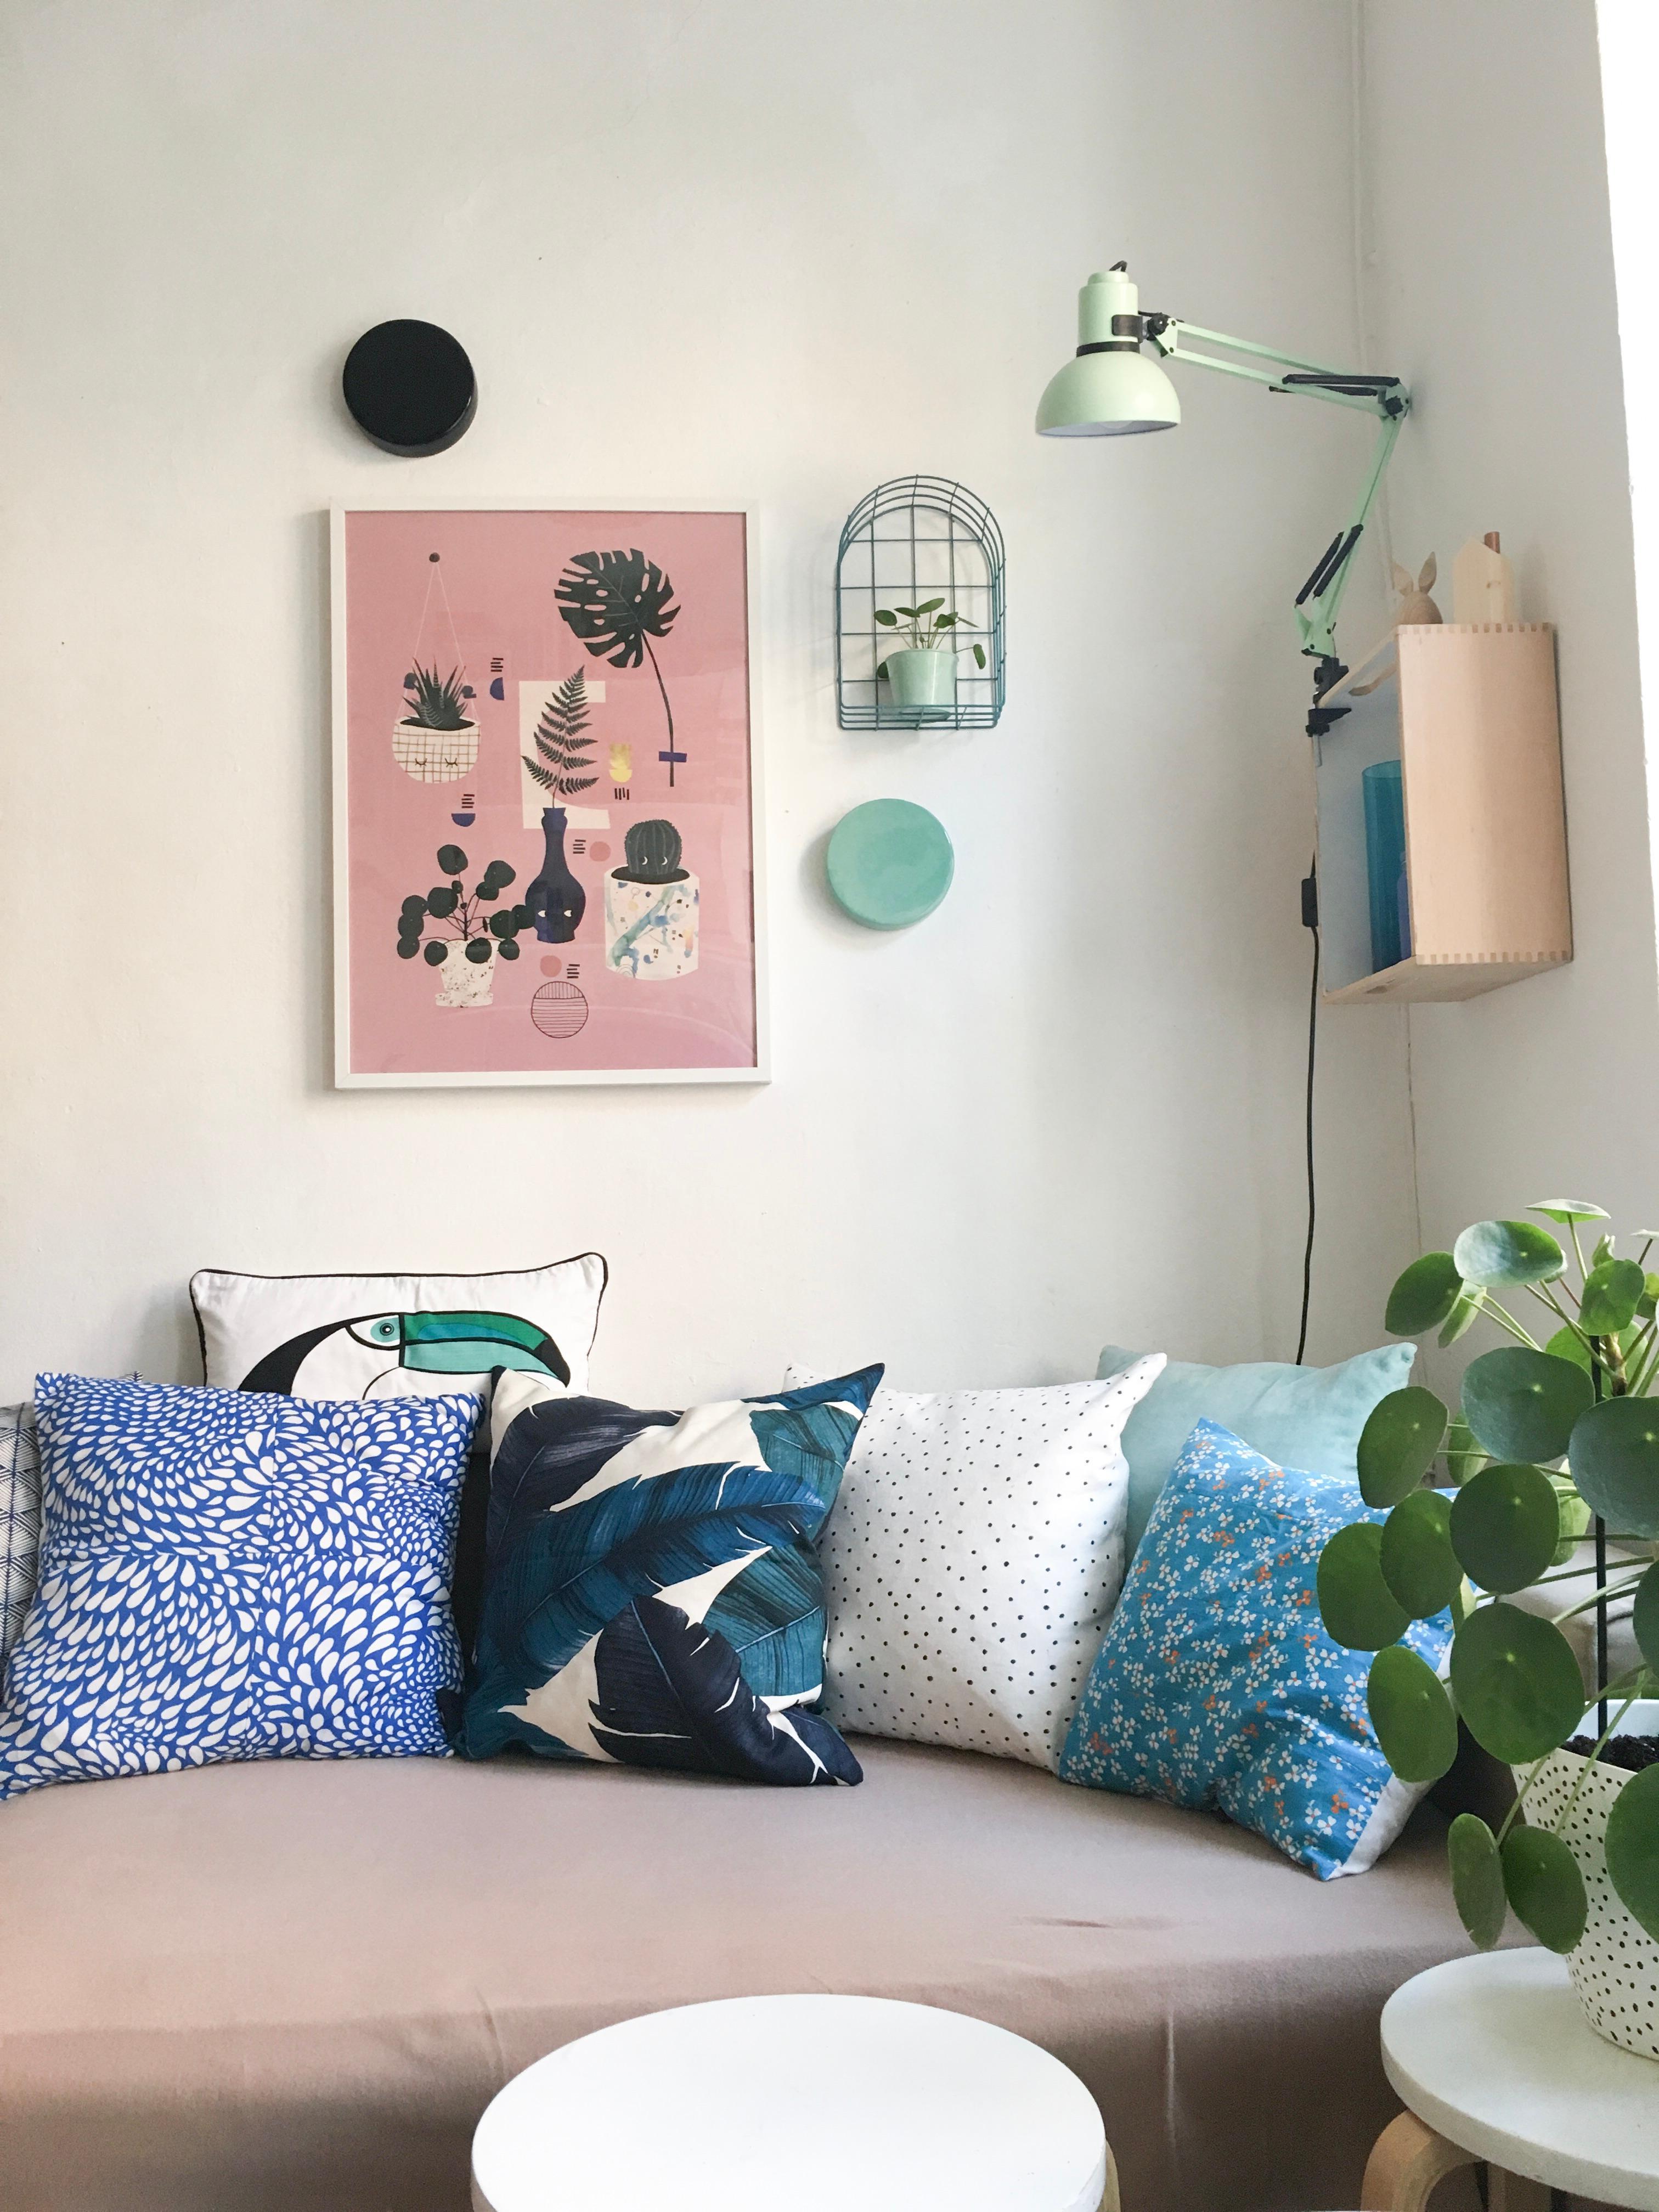 diy - do it yourself - selbst gemacht • bilder & ideen • couchstyle, Wohnzimmer